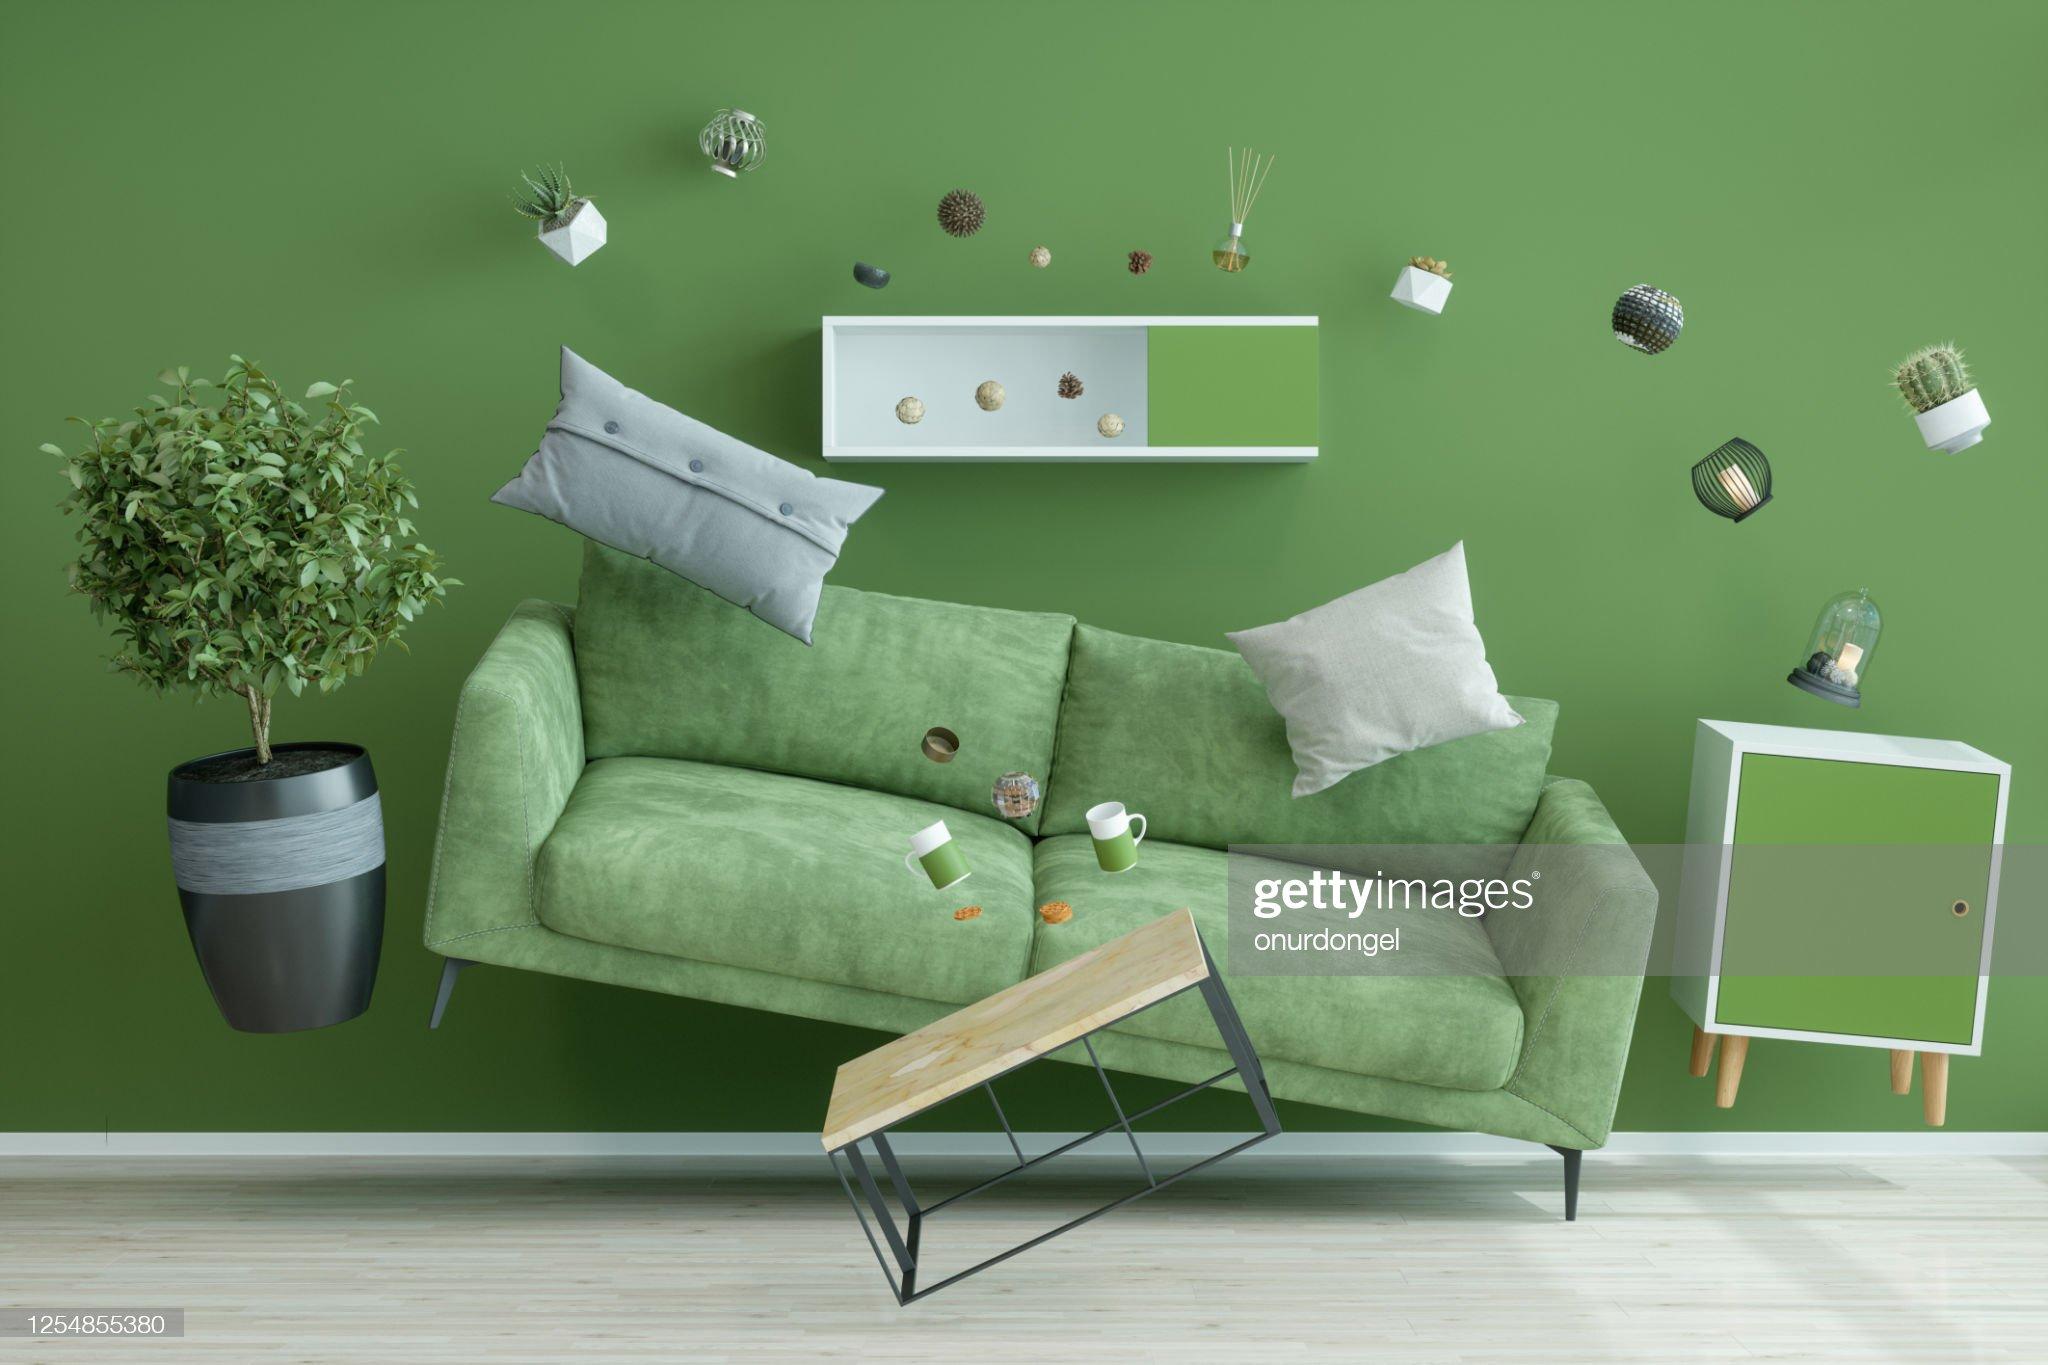 零重力綠色客廳 : 圖庫照片